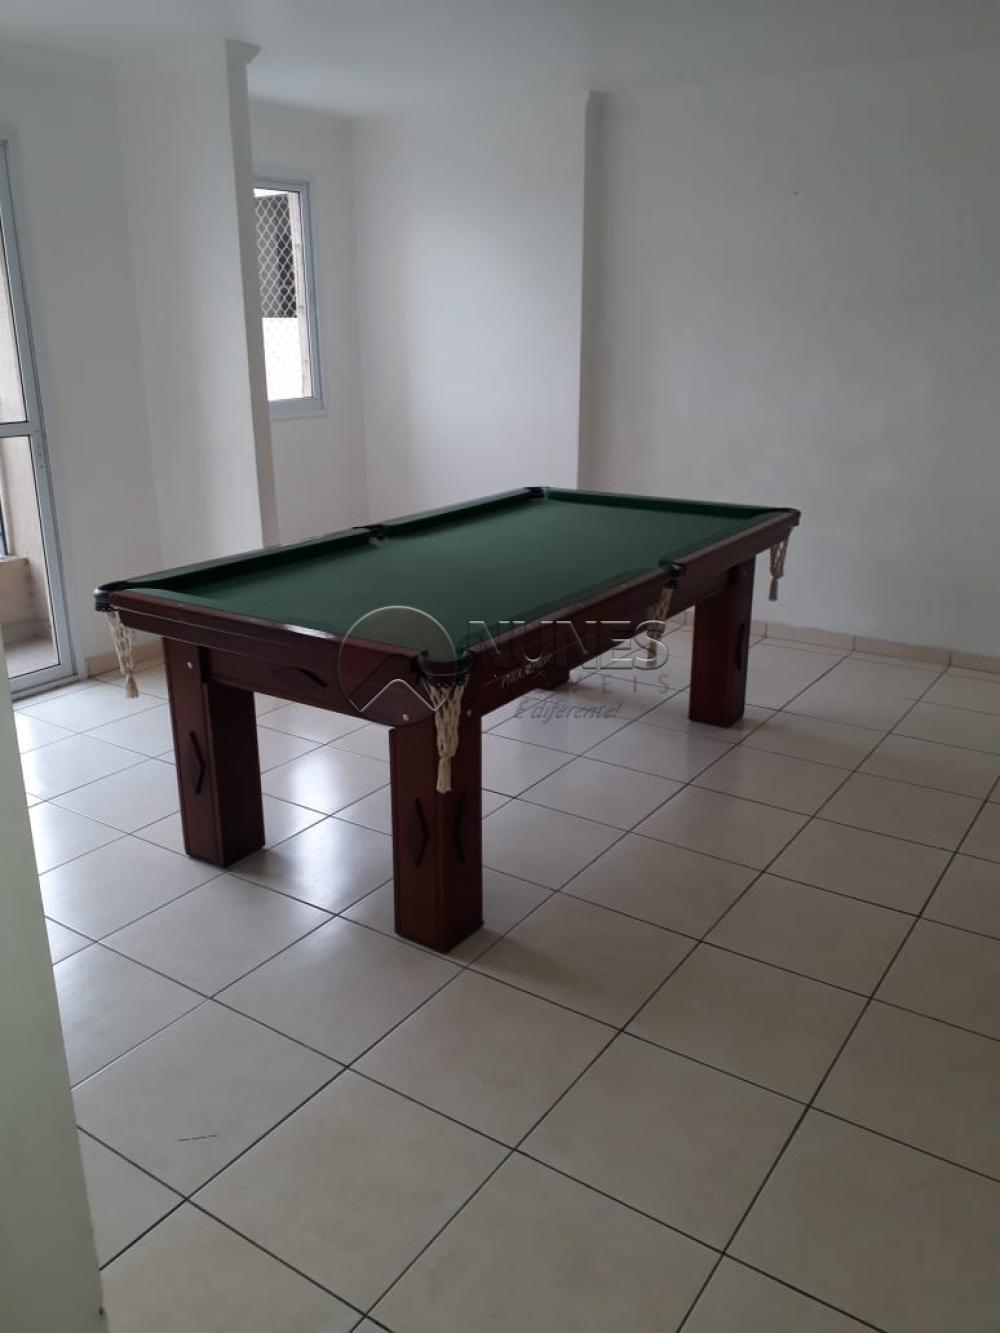 Comprar Apartamento / Padrão em Osasco apenas R$ 255.000,00 - Foto 26